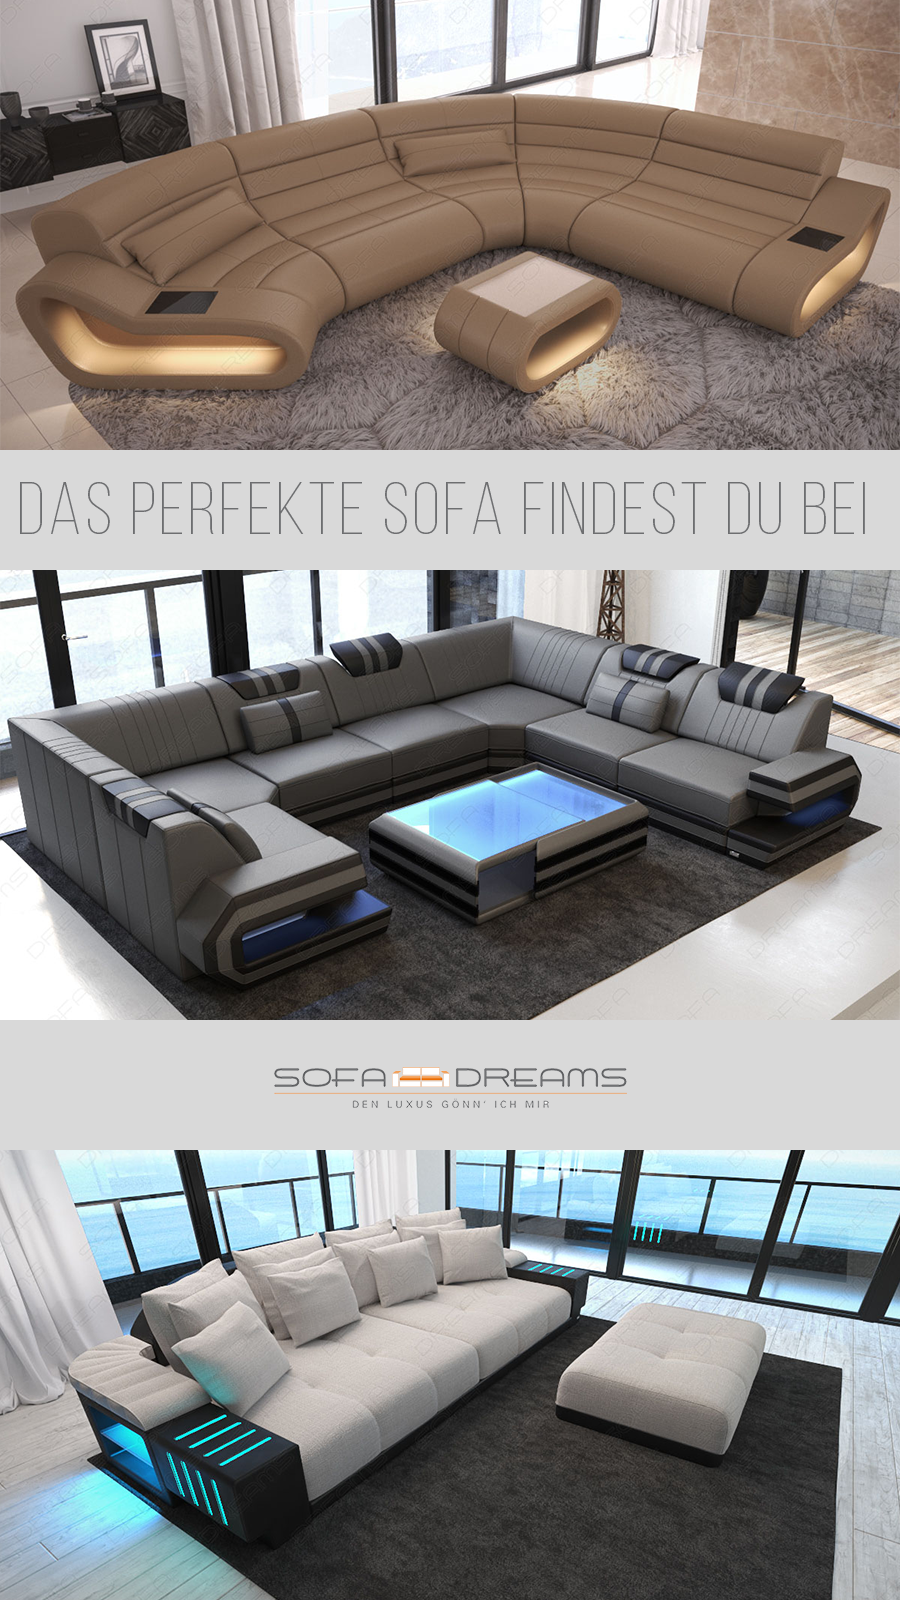 Das perfekte Sofa im modernen Stil für dein Wohnzimmer findest du